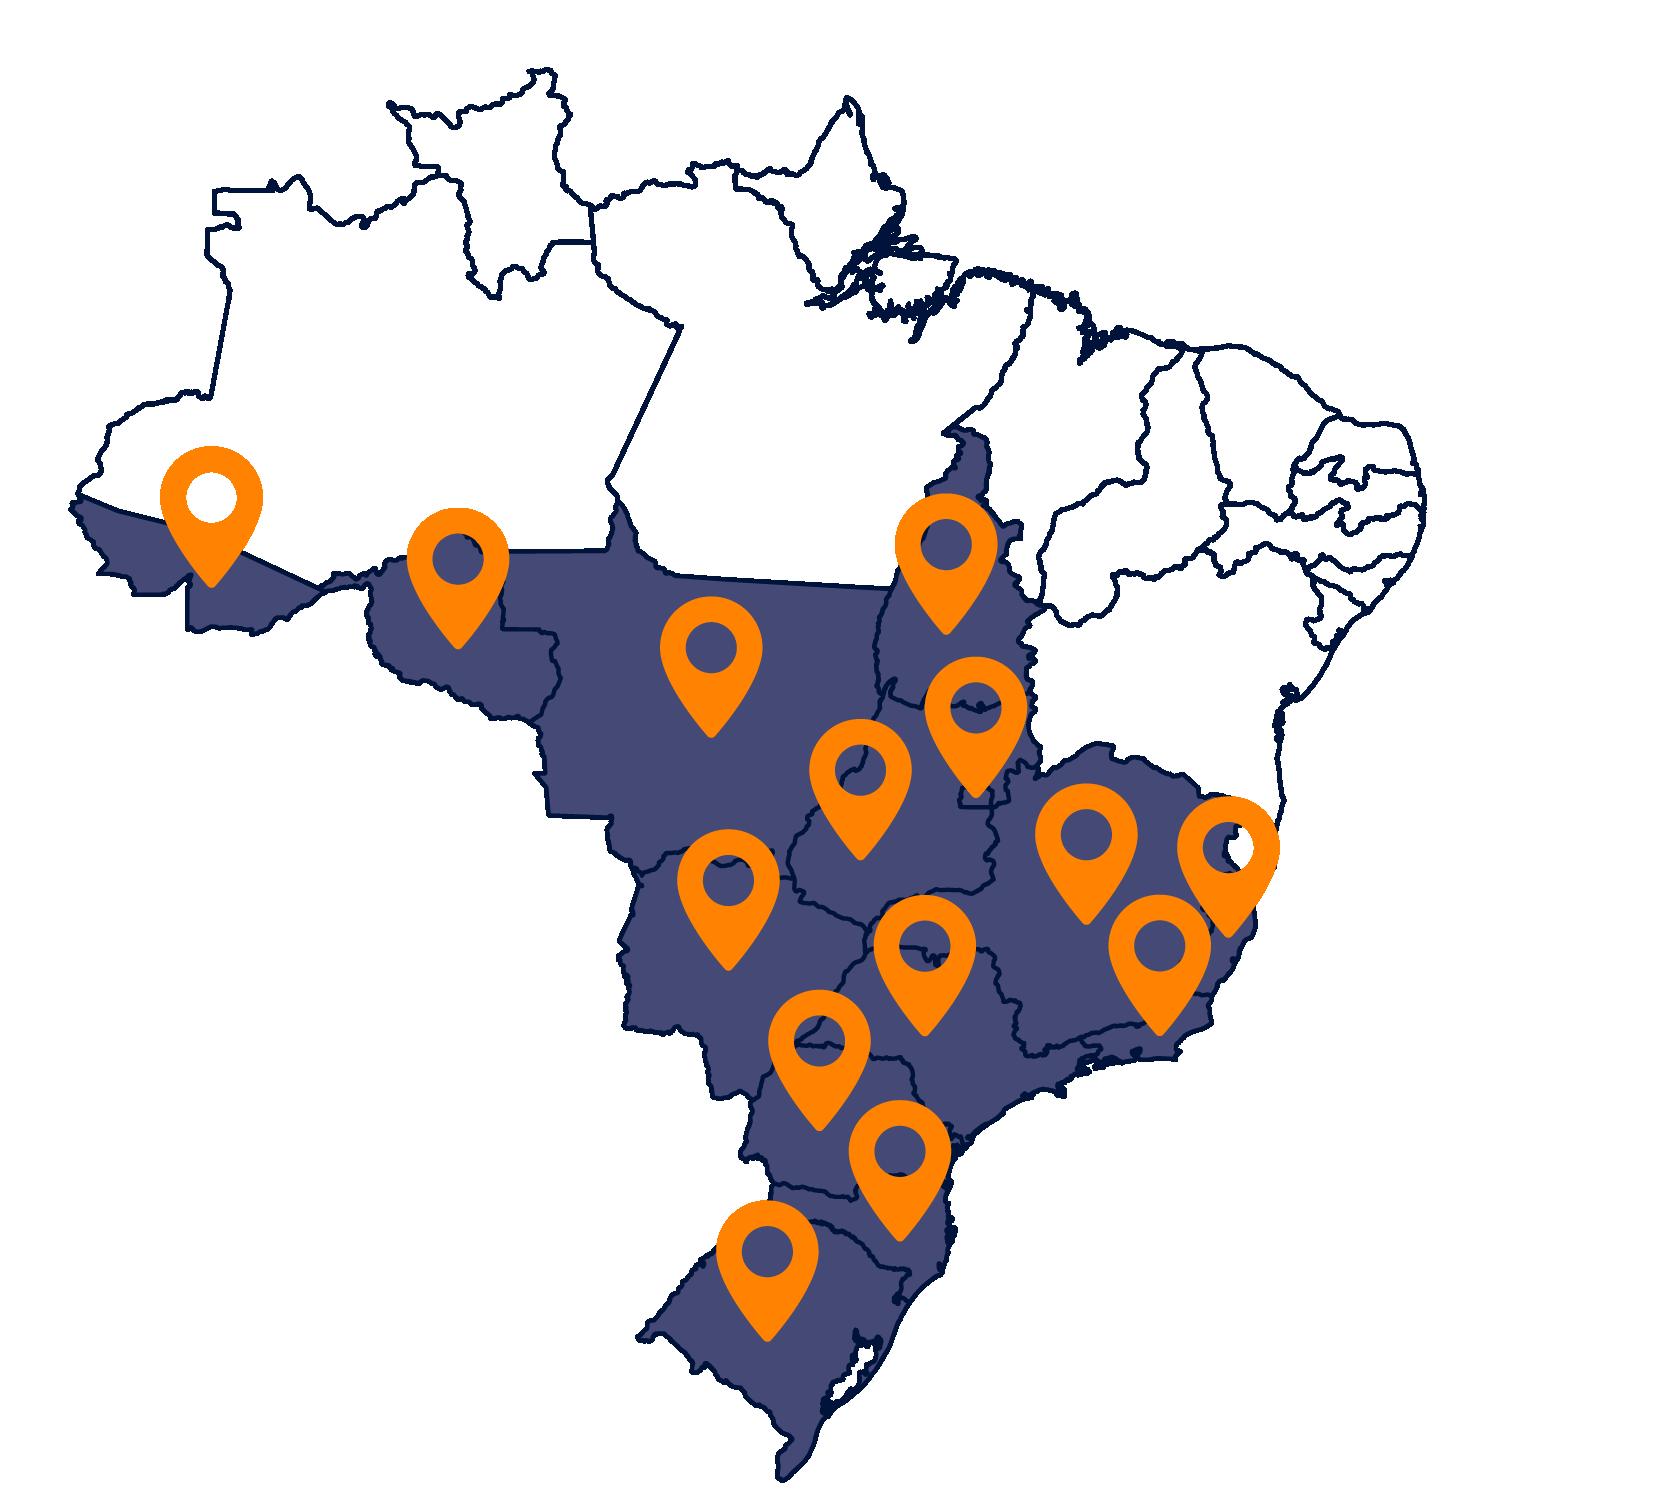 https://www.tsvtransportes.com.br/wp-content/uploads/2018/10/mapa-1-01.png